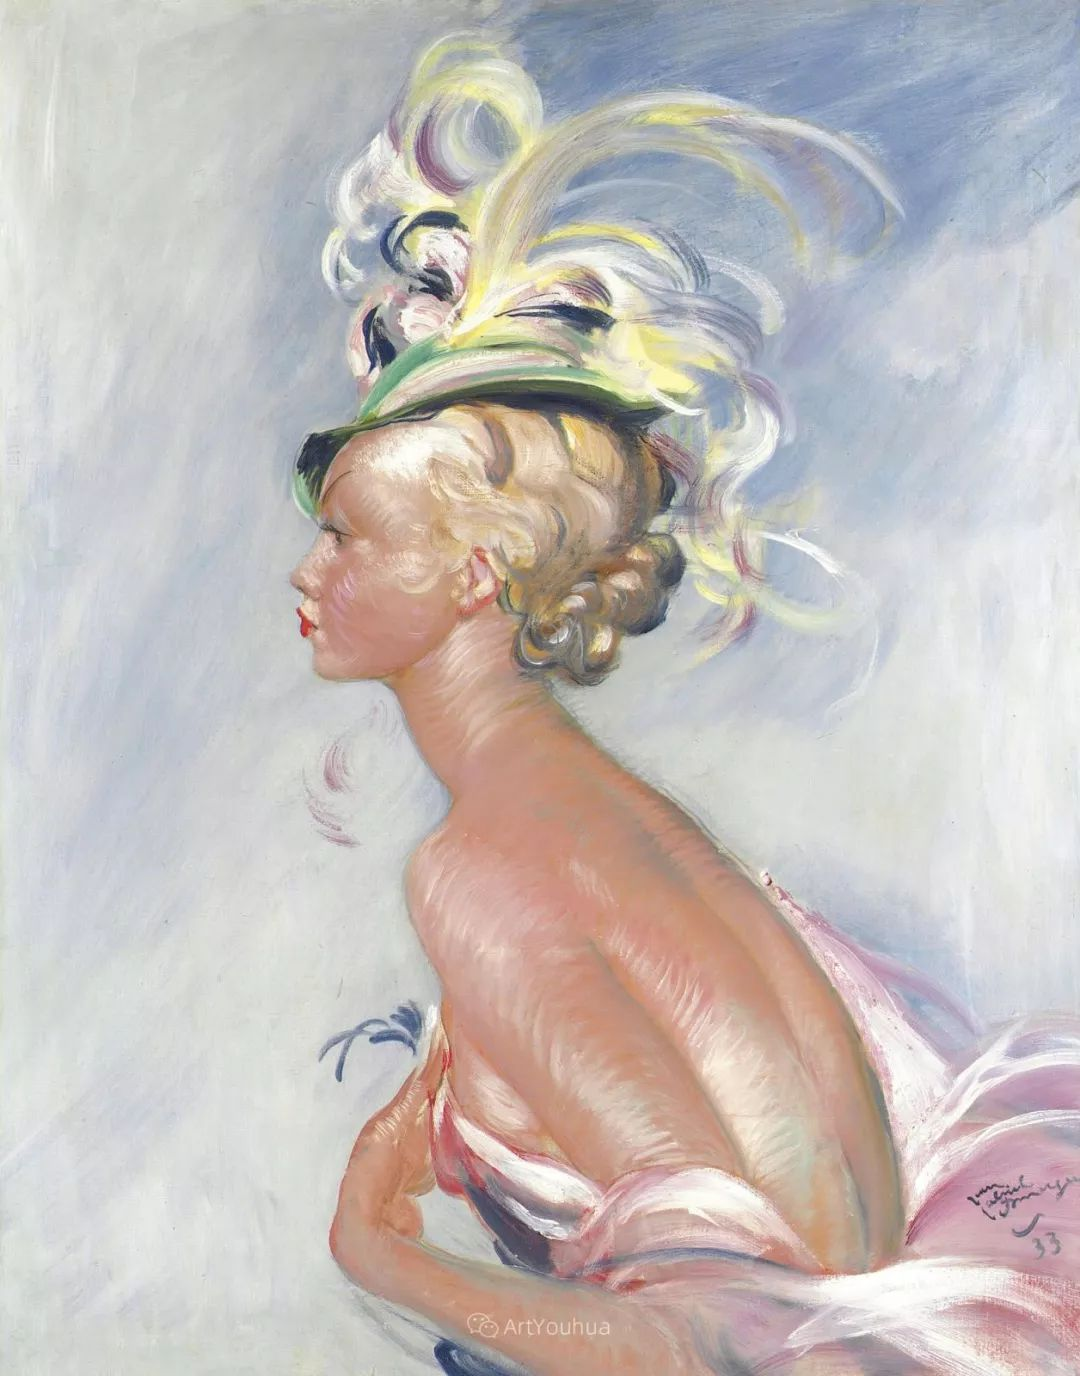 他画中的美女:典雅美丽天鹅颈,脸上带着调情趣味插图11